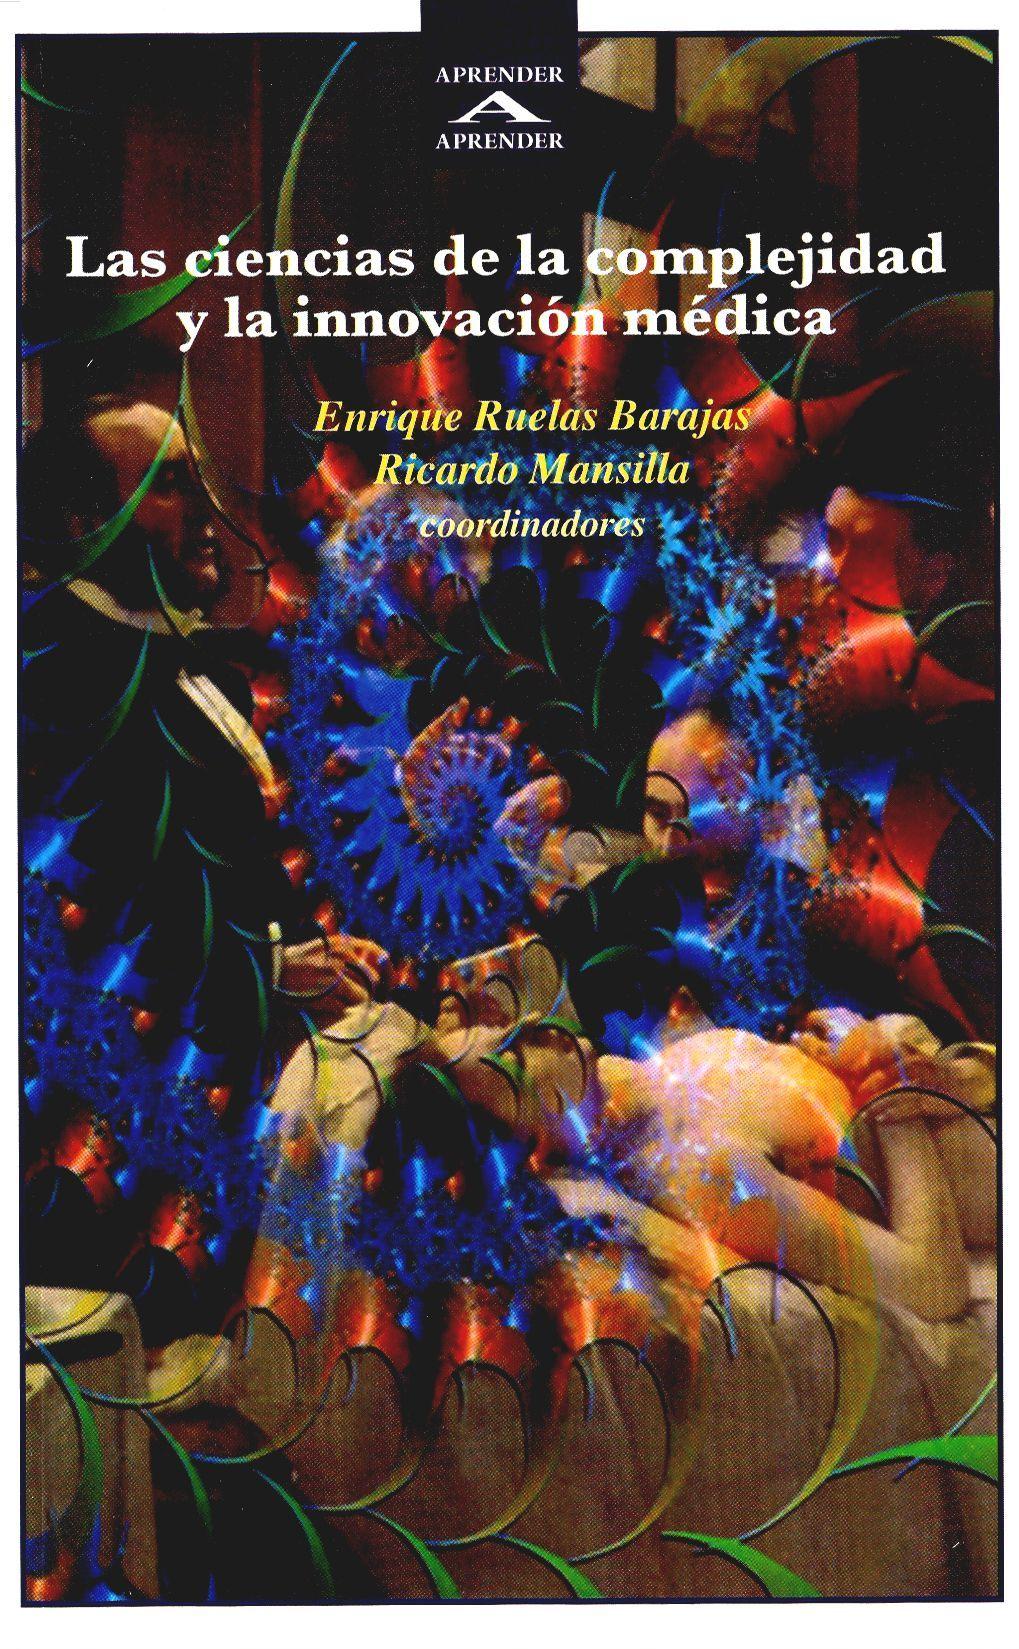 Las ciencias de la complejidad y la innovación médica